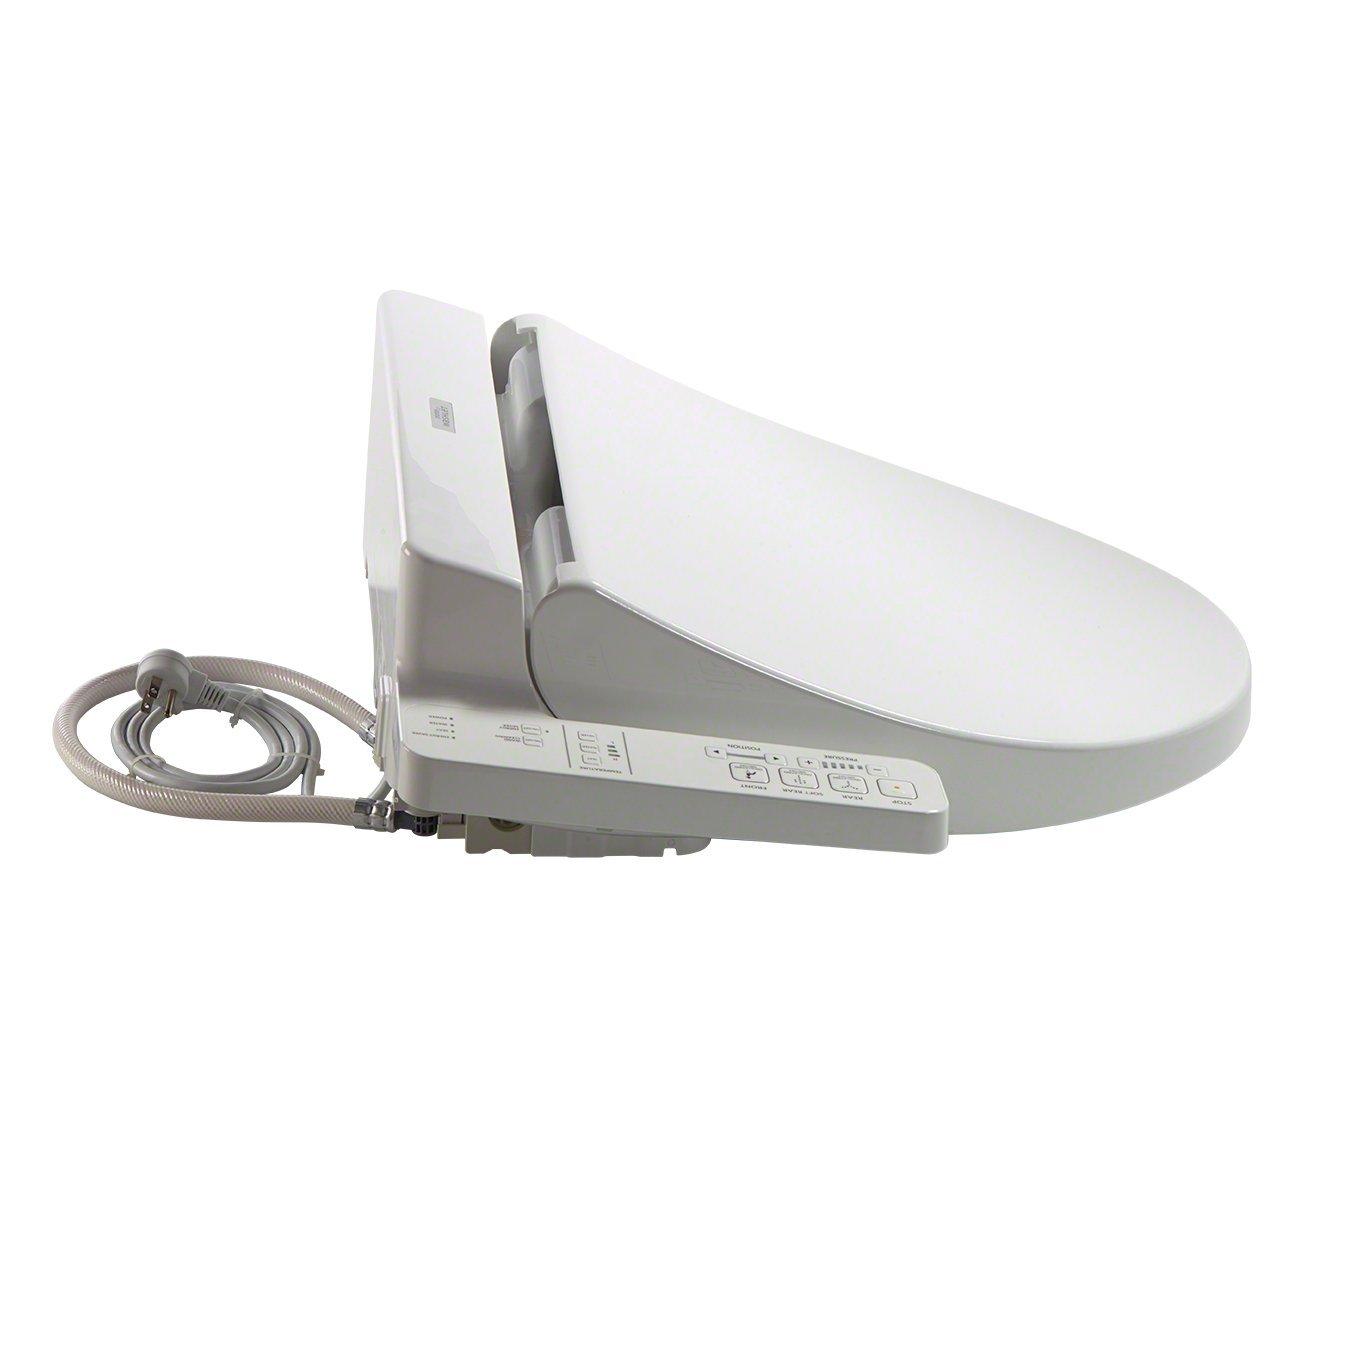 TOTO Washlet A100 Elongated Bidet Toilet Seat Cotton White